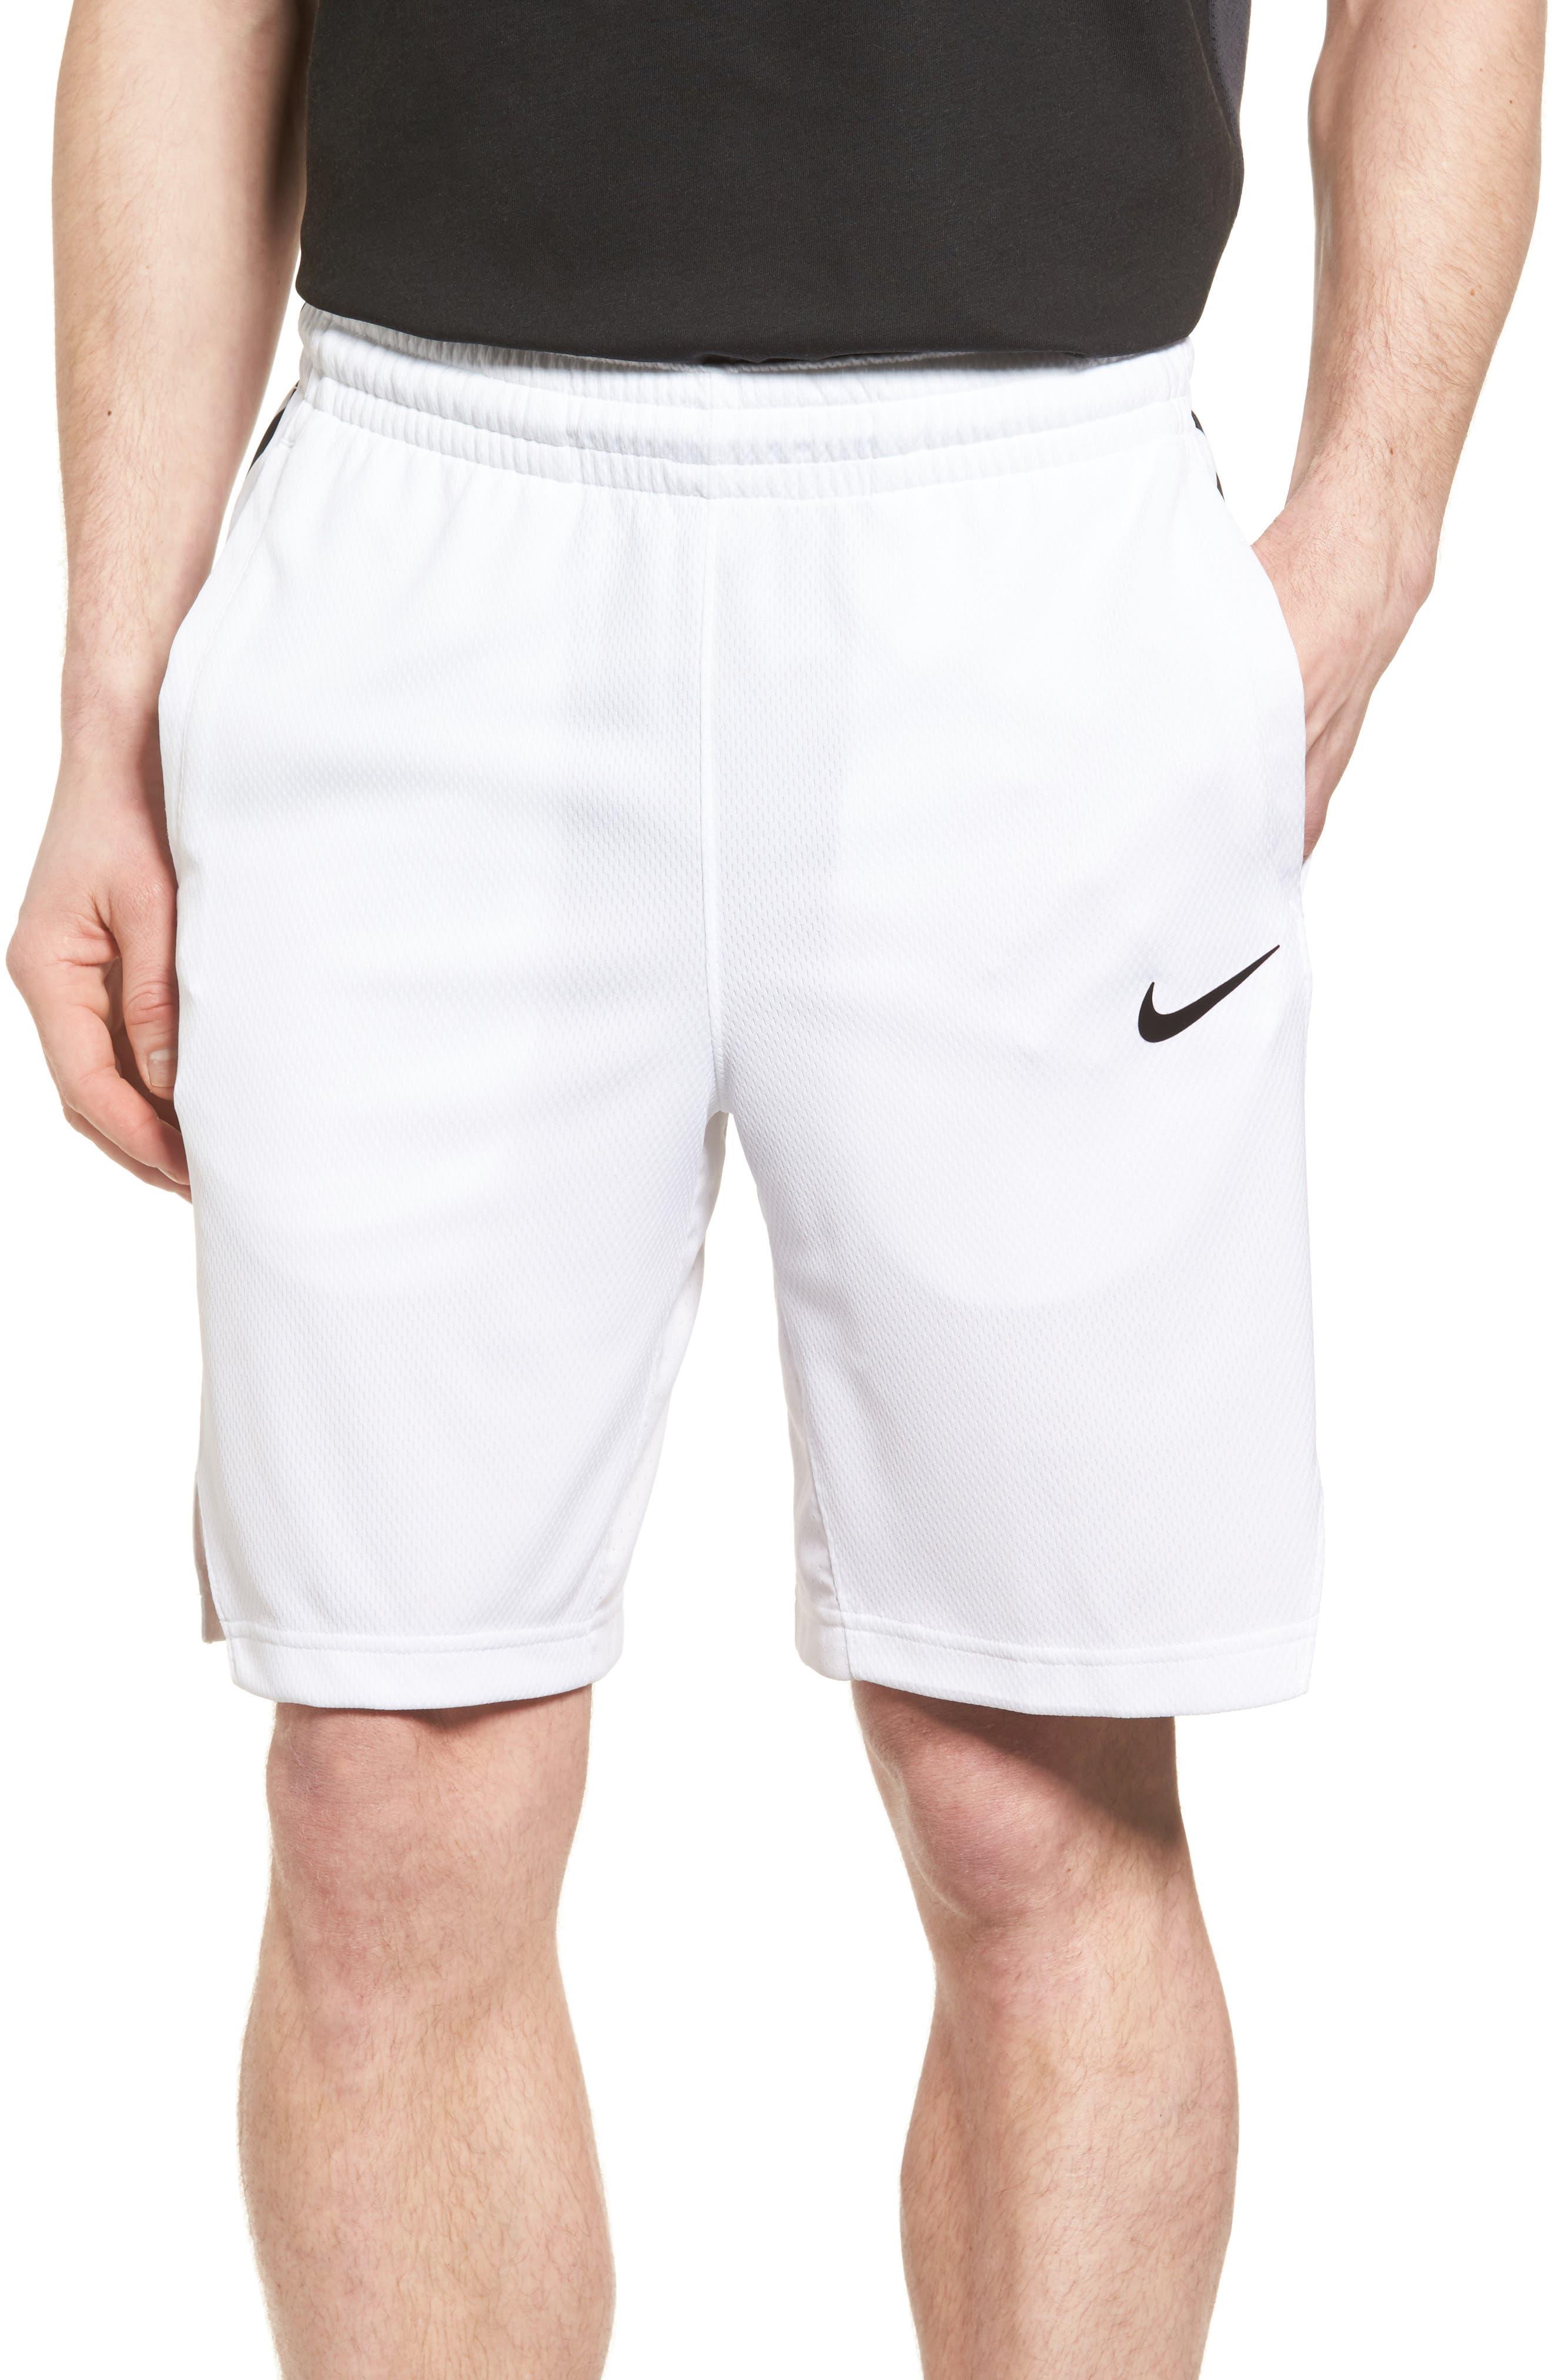 Nike Elite Stripe Basketball Shorts (Regular Retail Price: $45.00)